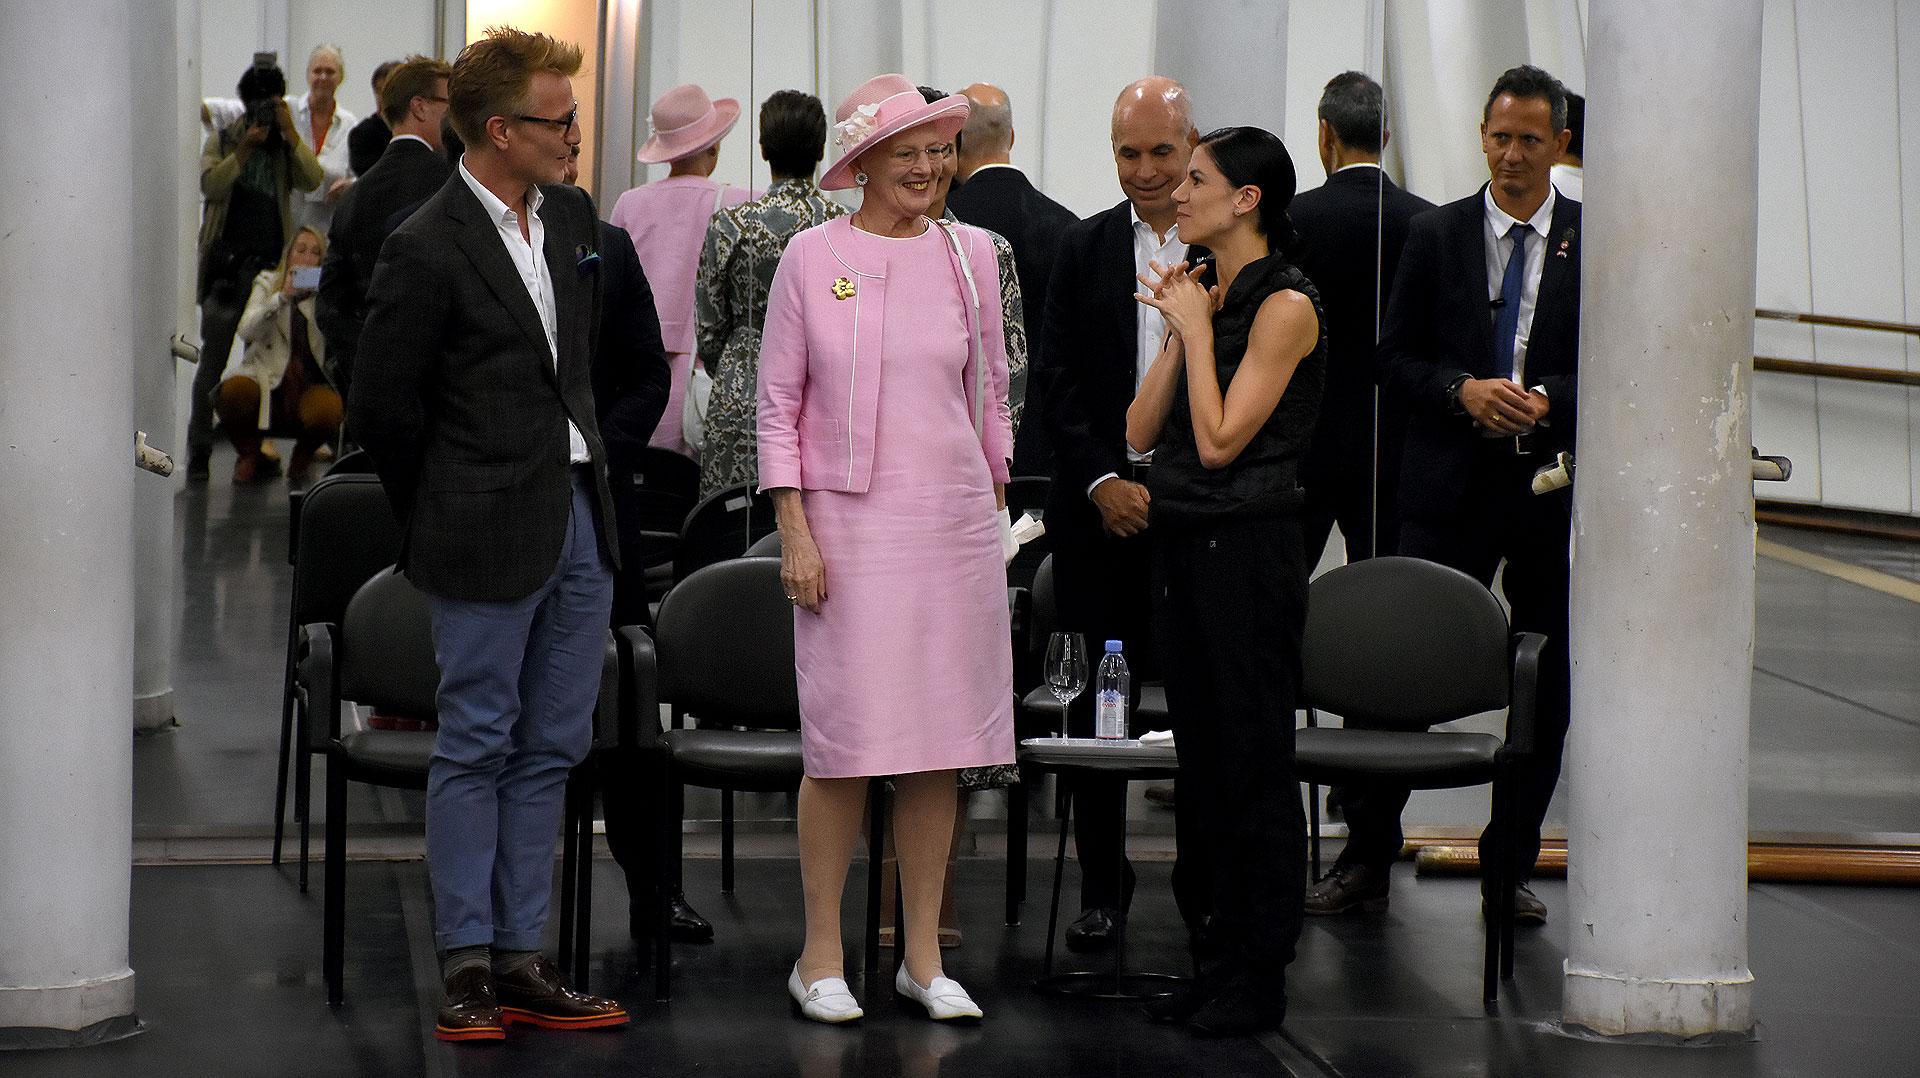 Paloma Herrera le mostró parte del ensayo de bailarines de Don Quijote a la Reina y al director artístico del Teatro Real de Dinamarca y maestro de Ballet, Nikolaj Hübbe